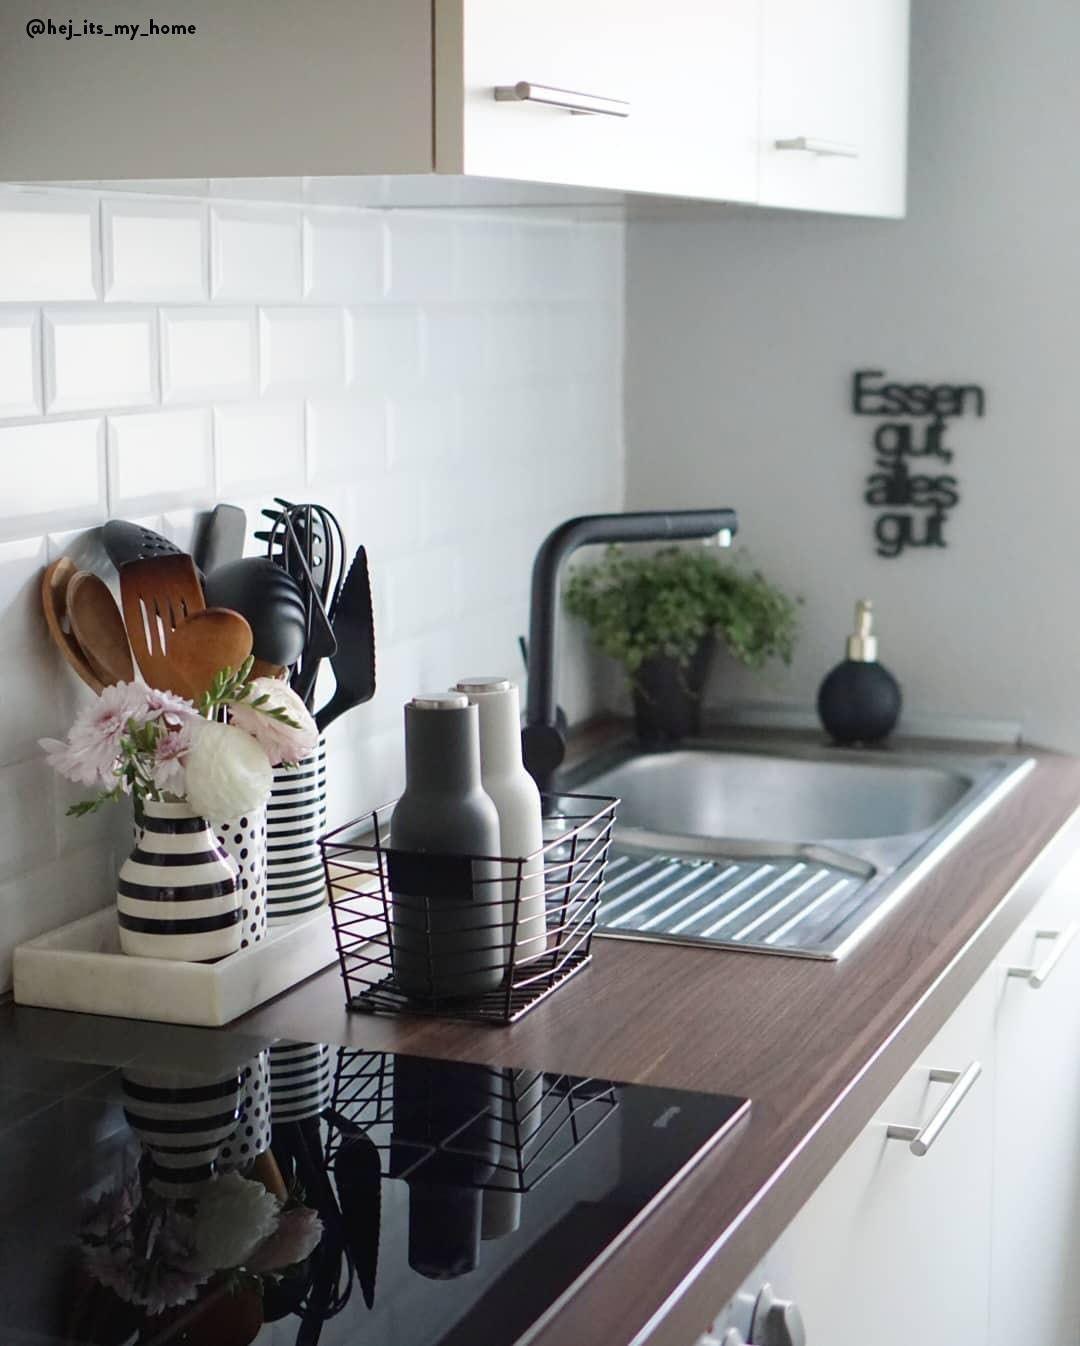 Cucina ordinata - Nella cucina ci sono tantissimi accessori ...